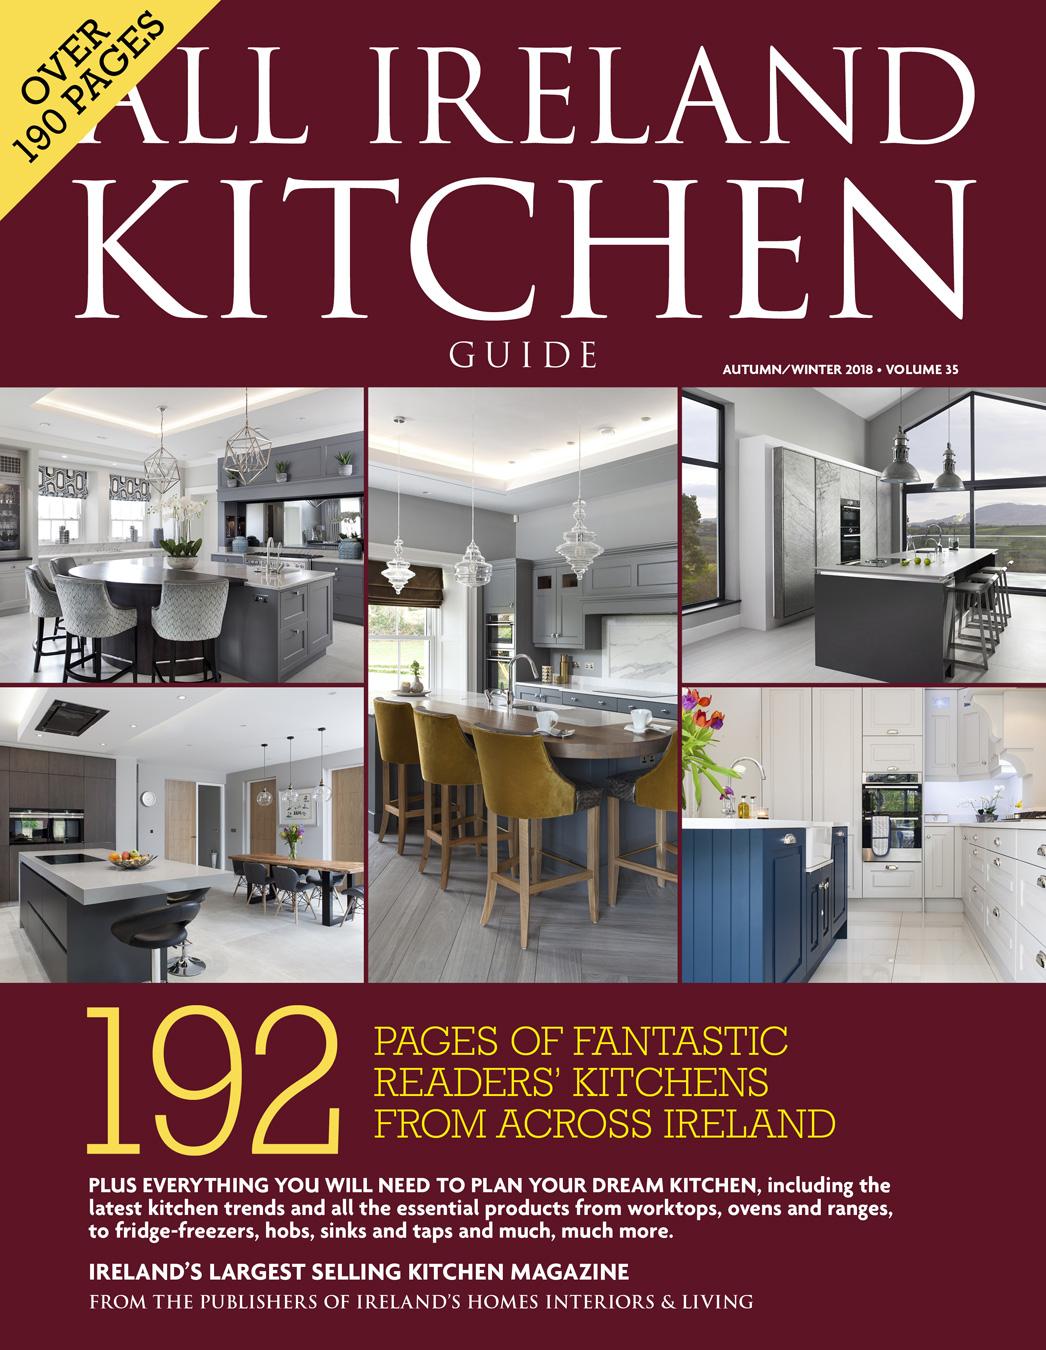 Kitchen Design Advertising on advertising design medical, advertising media kitchen, advertising design food, advertising job, advertising design school, plumbing kitchen,